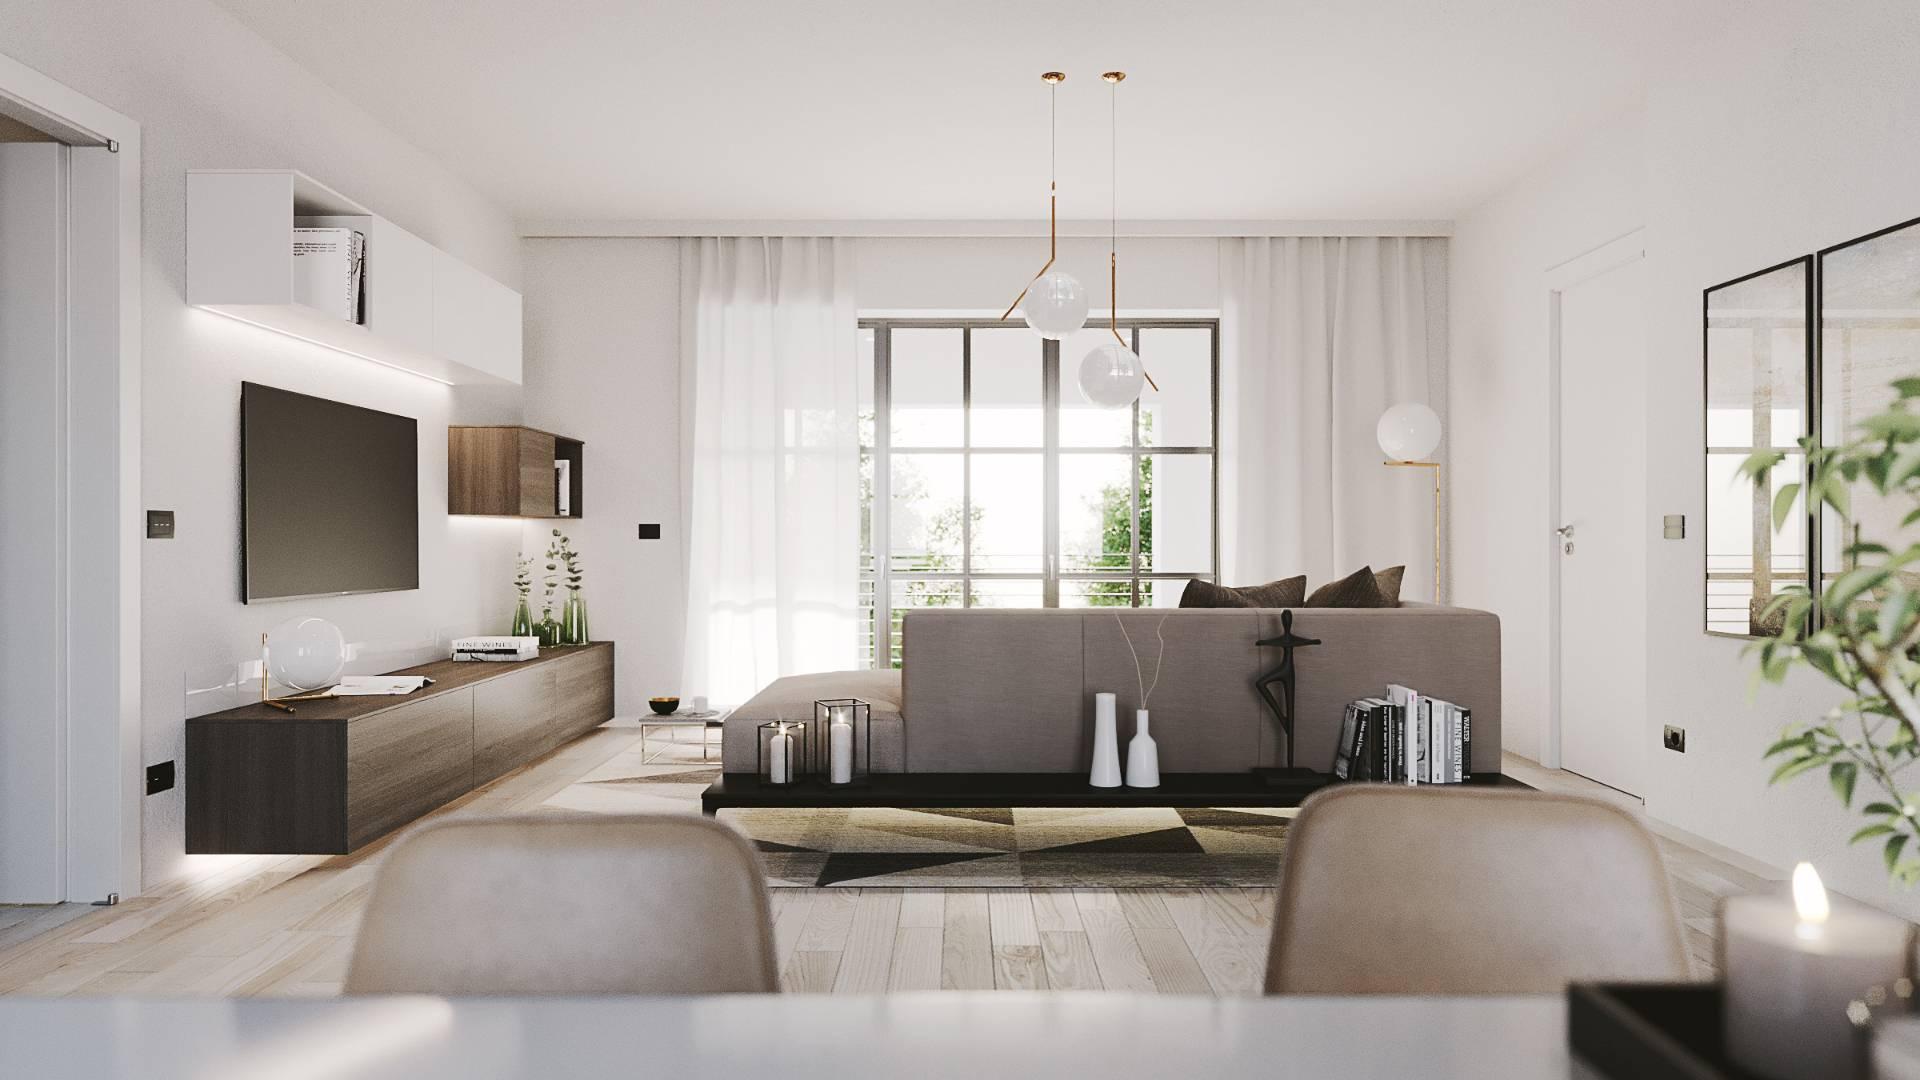 Appartamento in vendita a Trieste, 2 locali, zona Località: Zonedipregio, prezzo € 230.000 | CambioCasa.it